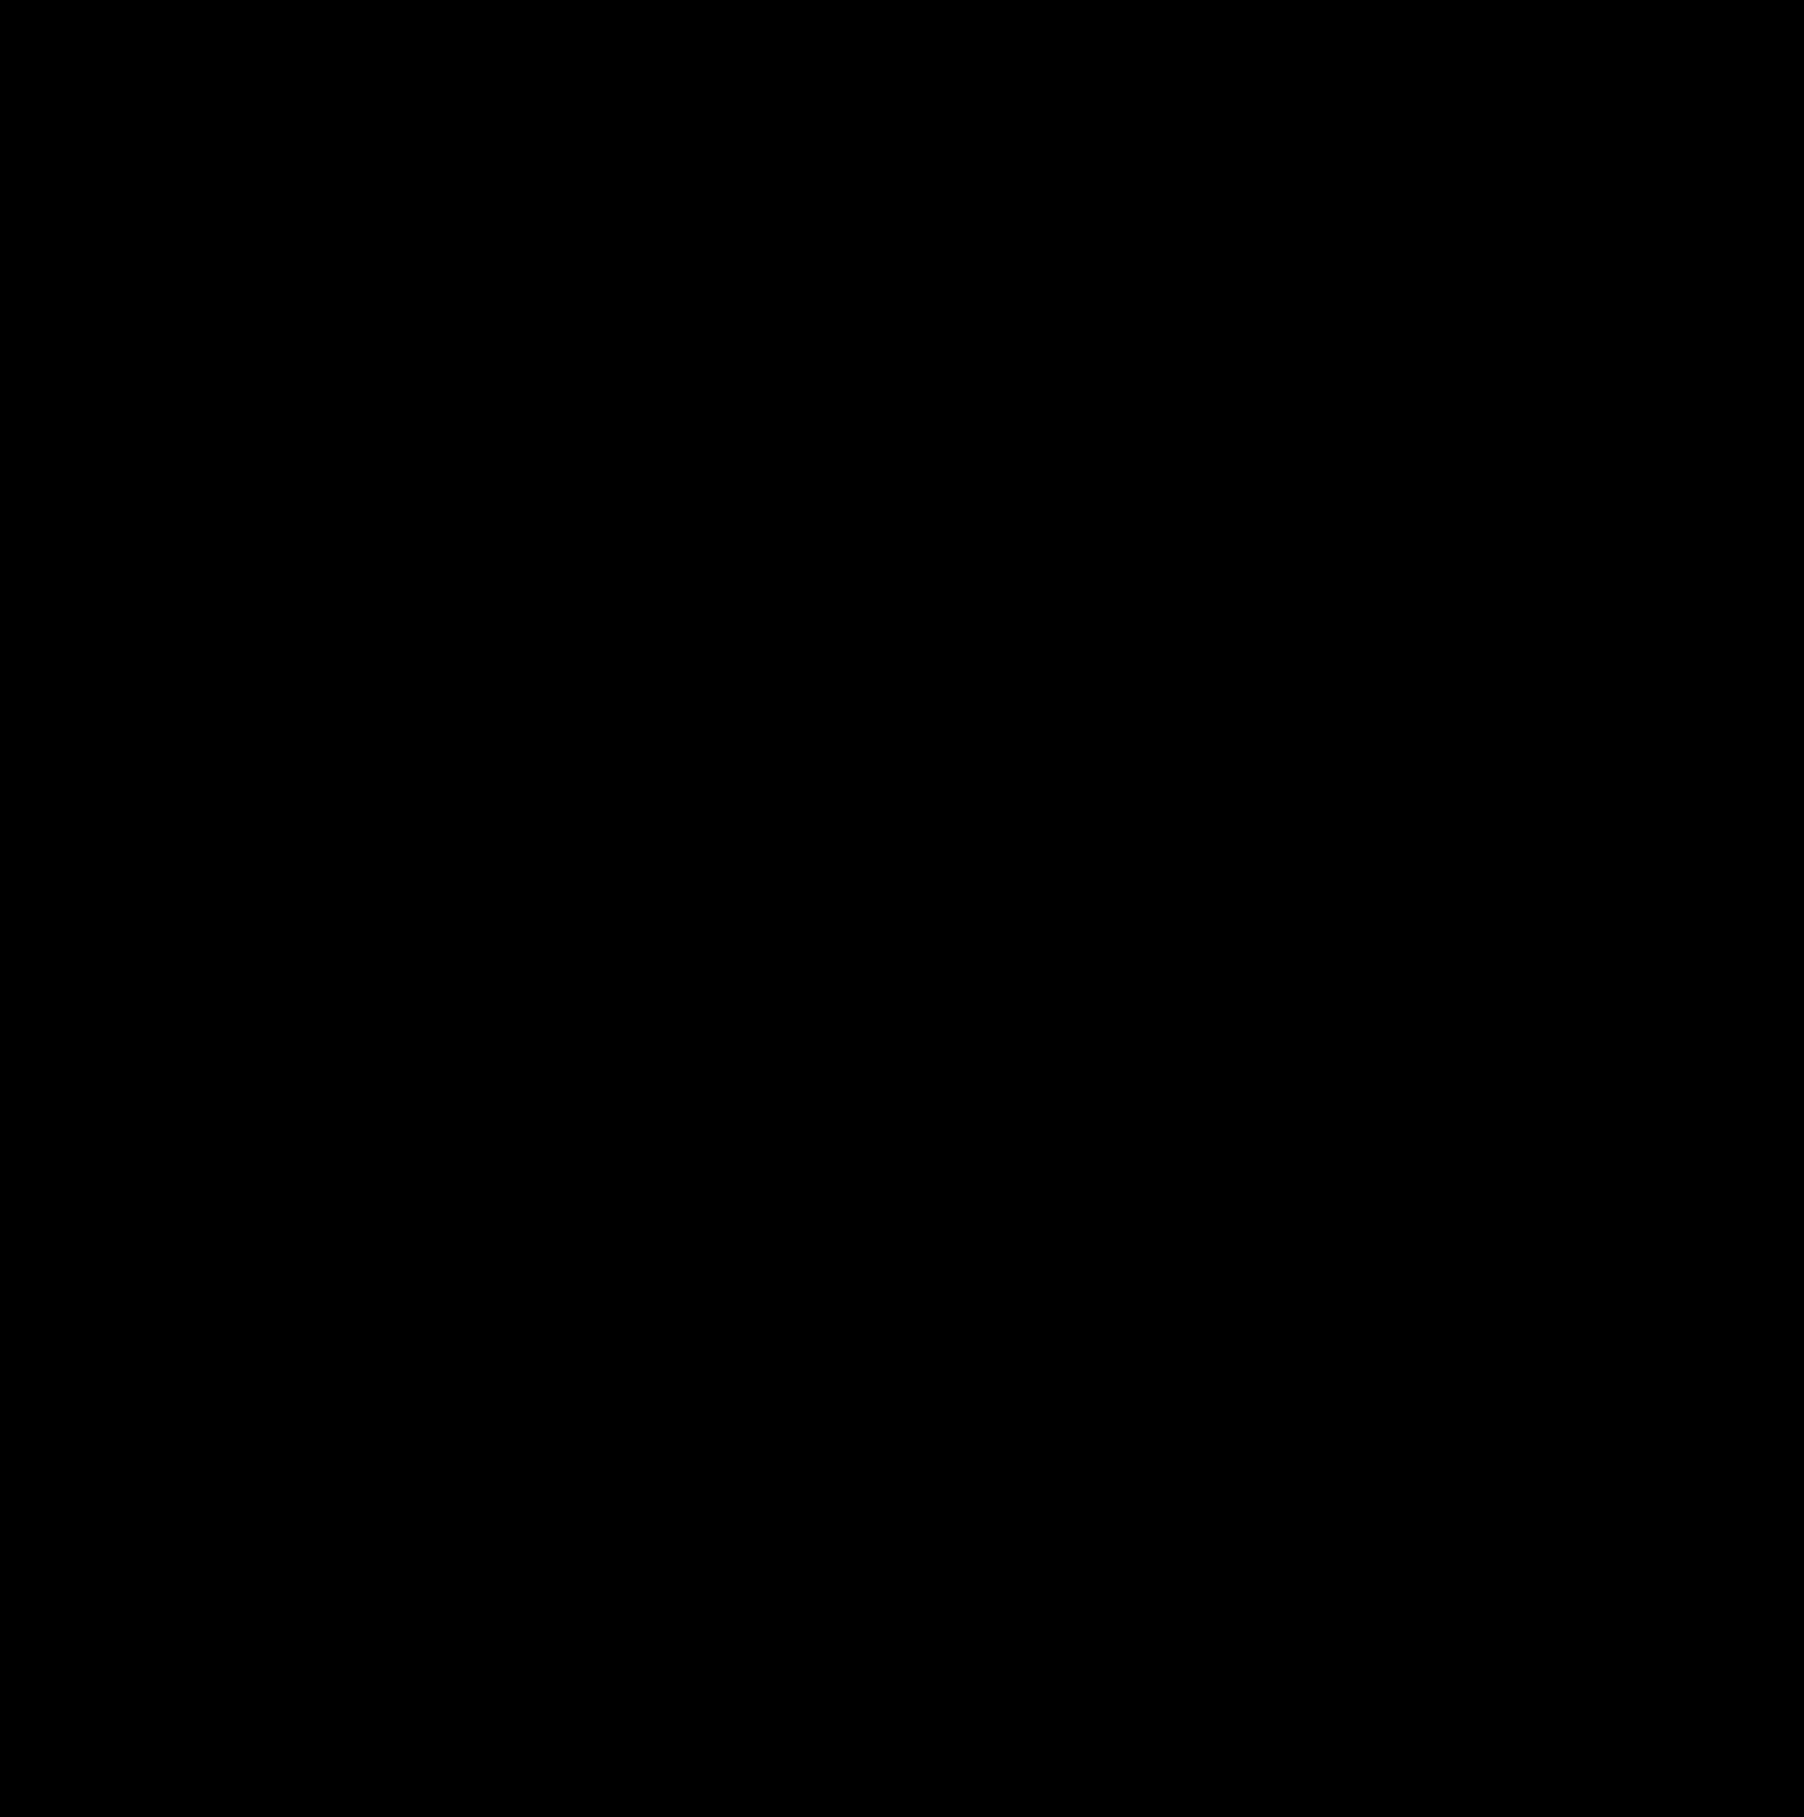 1 schwarz_transparent